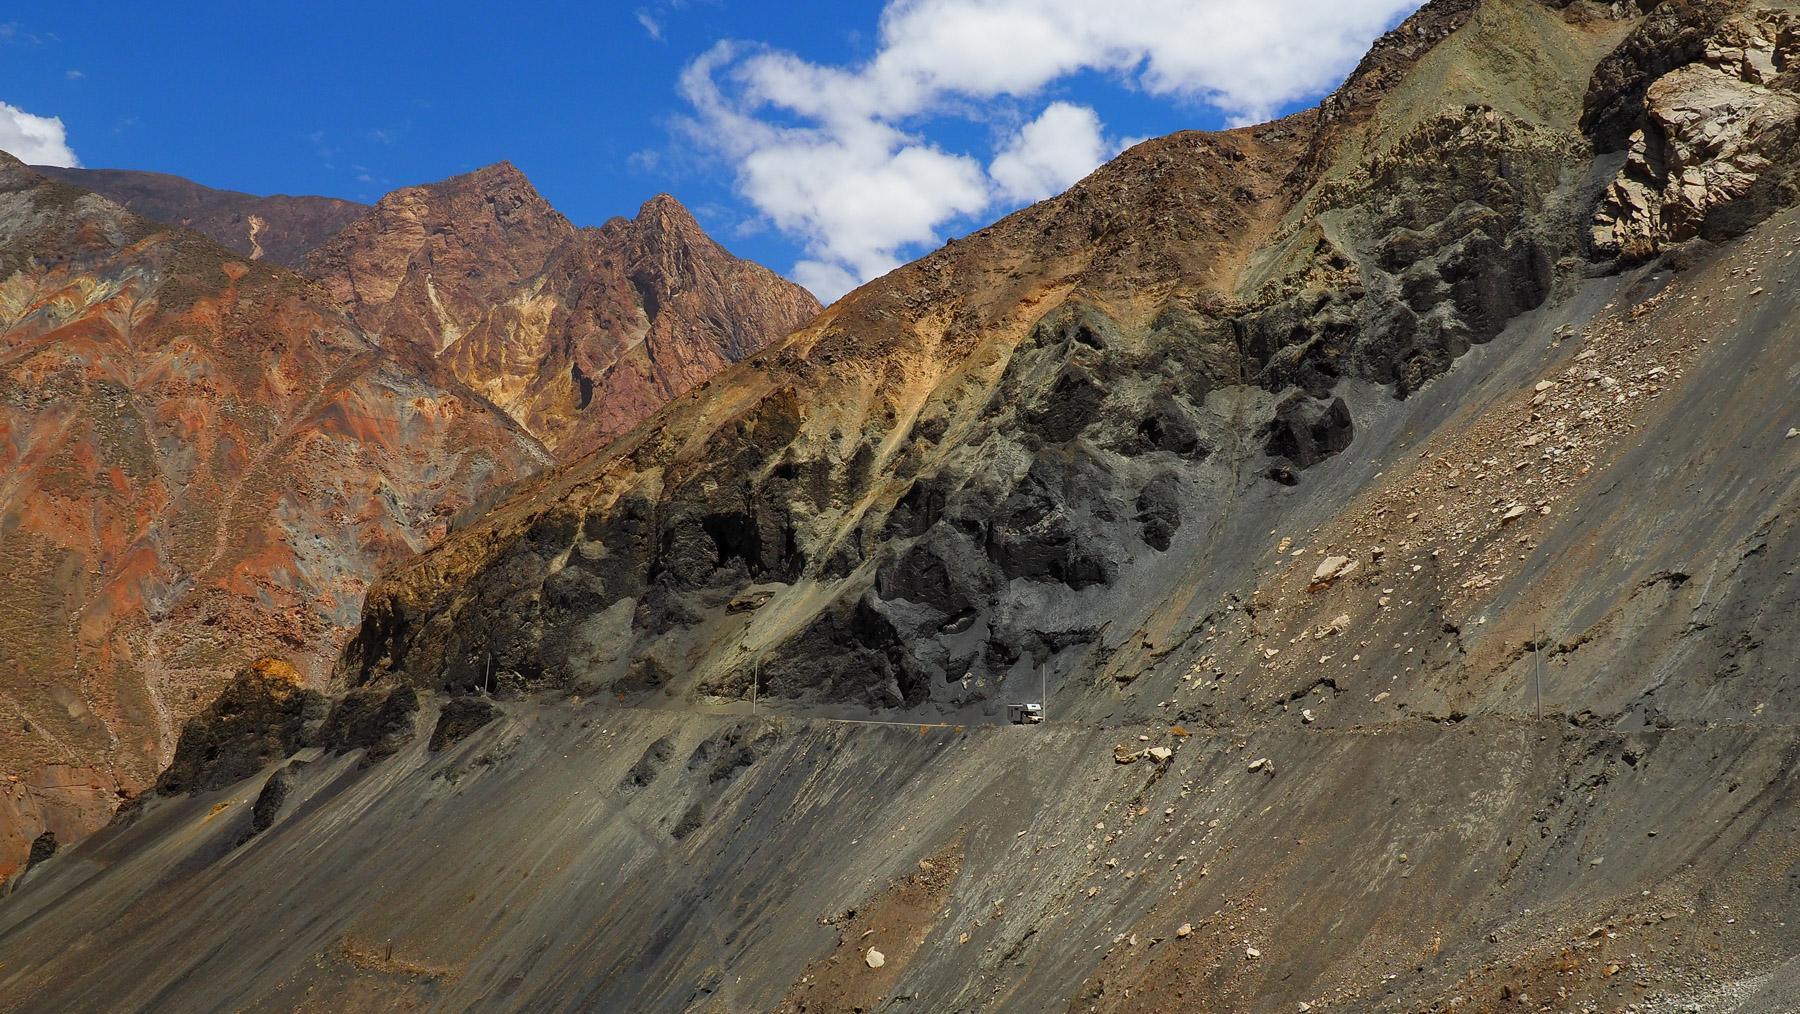 Zurück in die Berge – auf dem Weg in die Cordillera Blanca